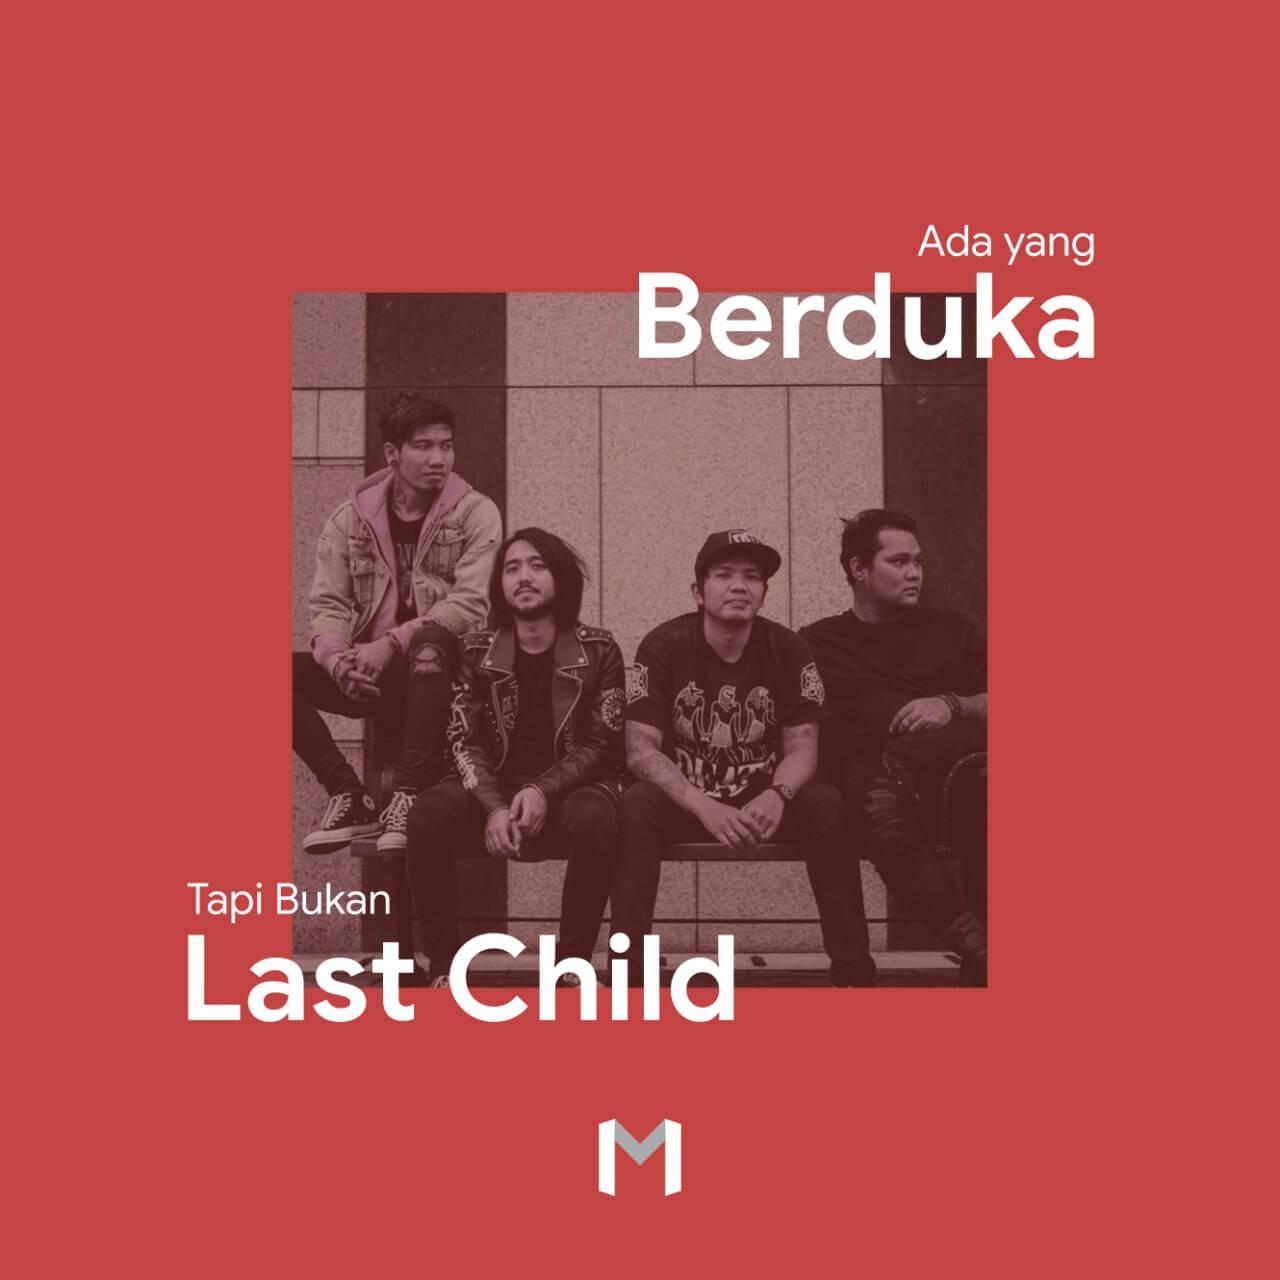 Ada yang Berduka Tapi Bukan Last Child